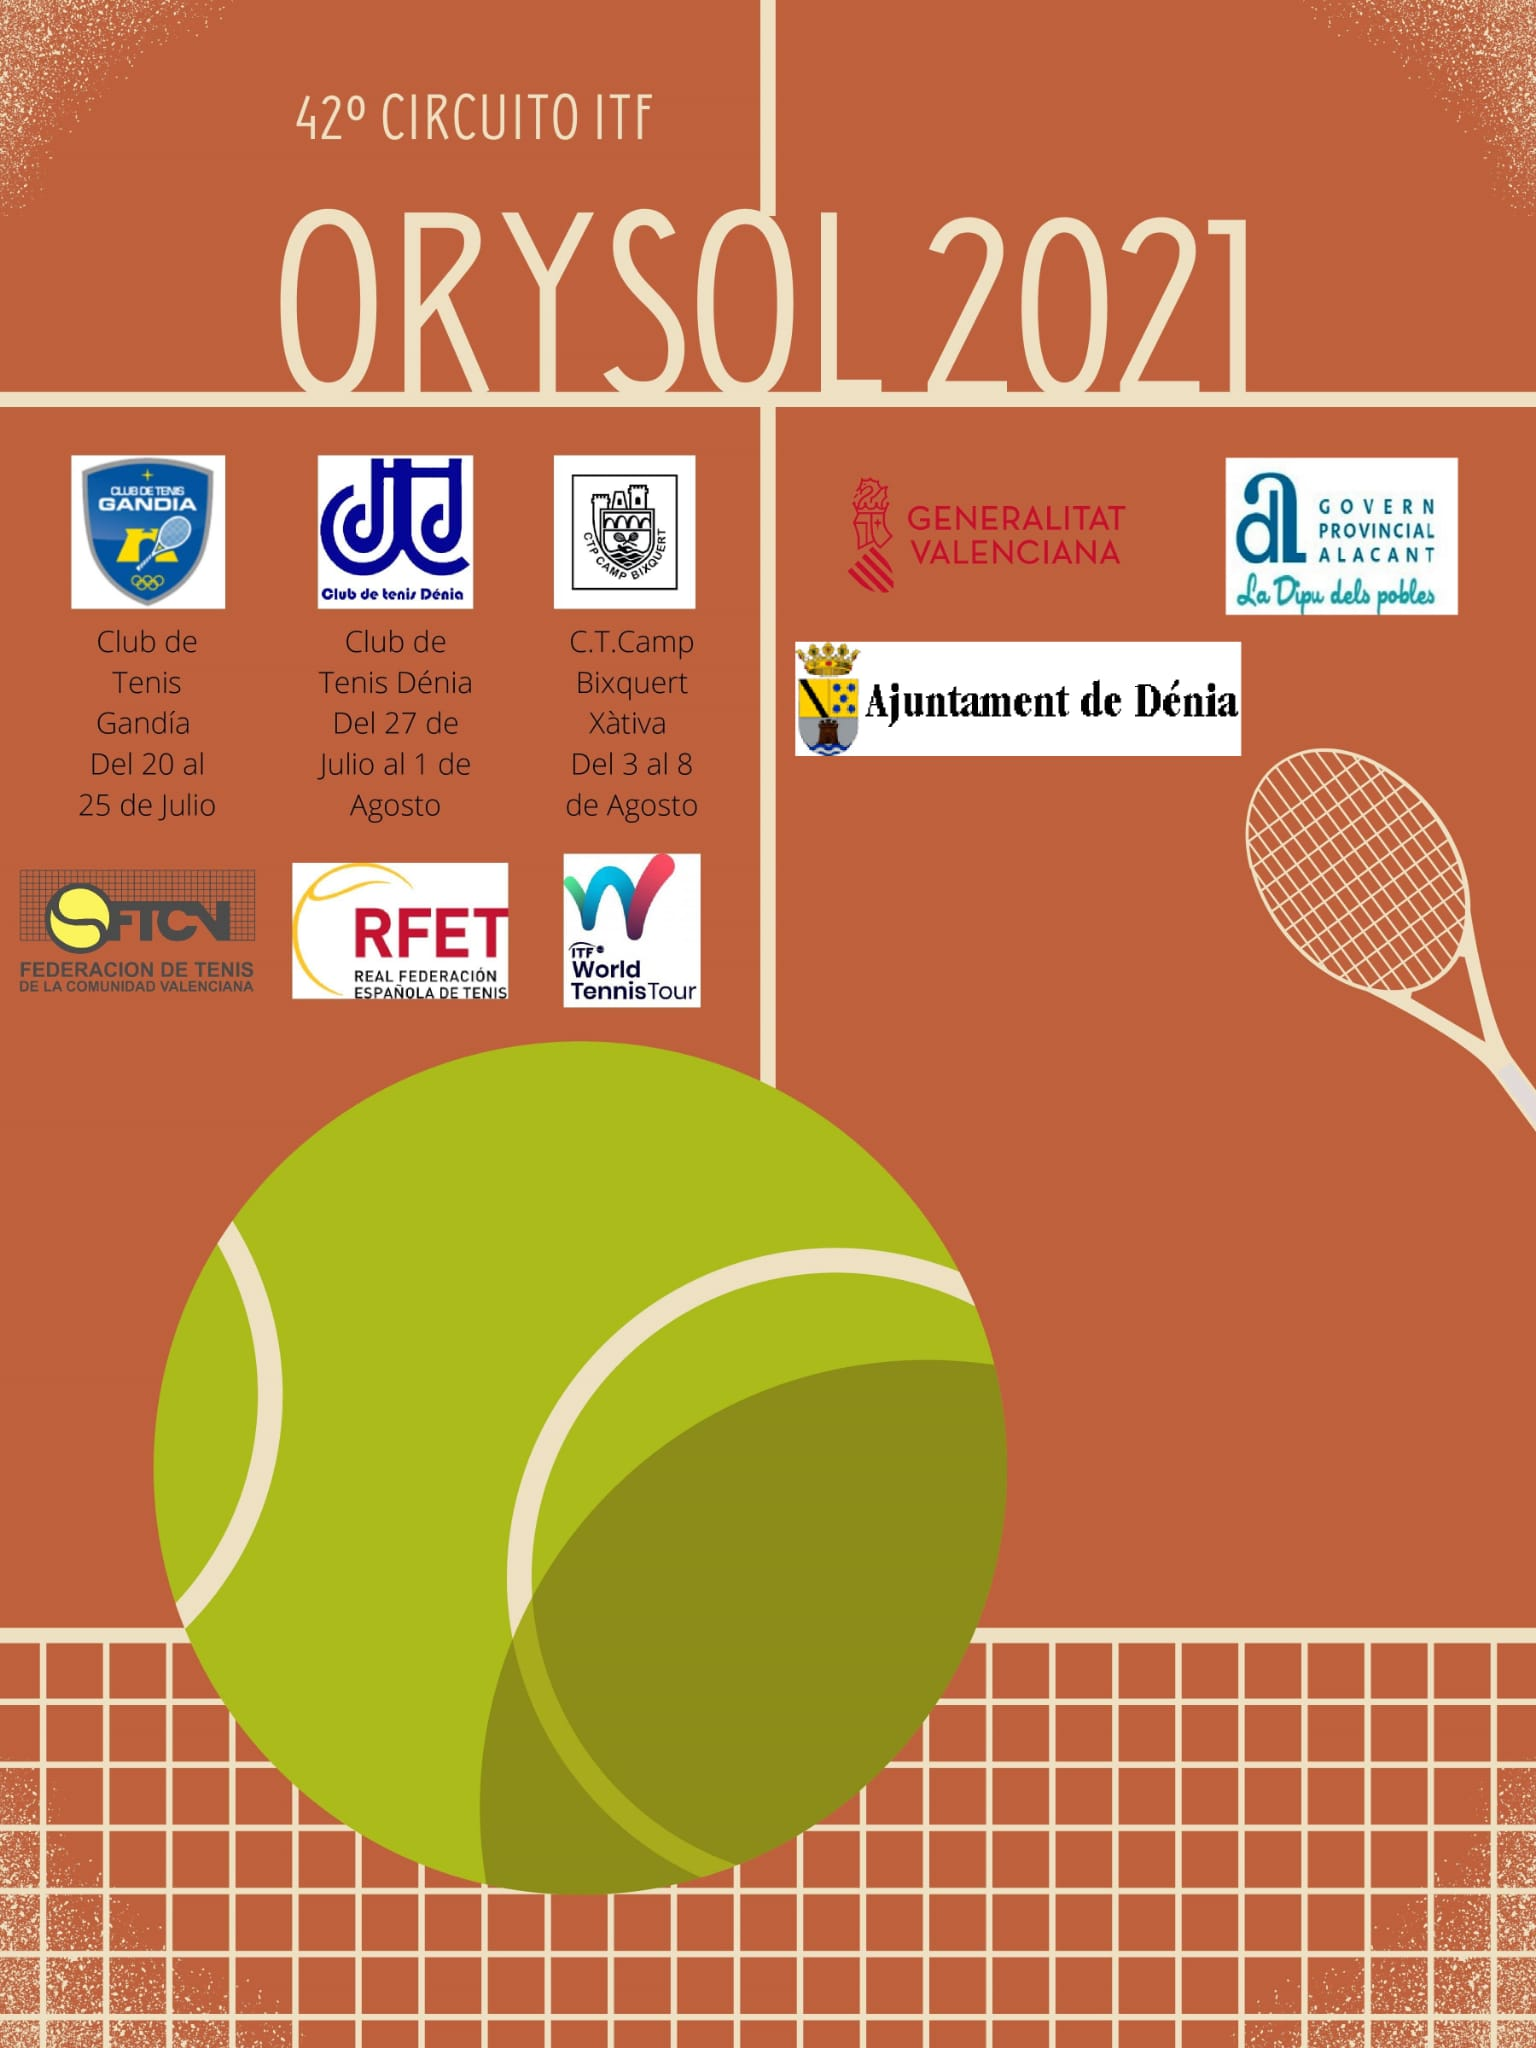 XLII Torneo Internacional Orysol Ciudad de Dénia